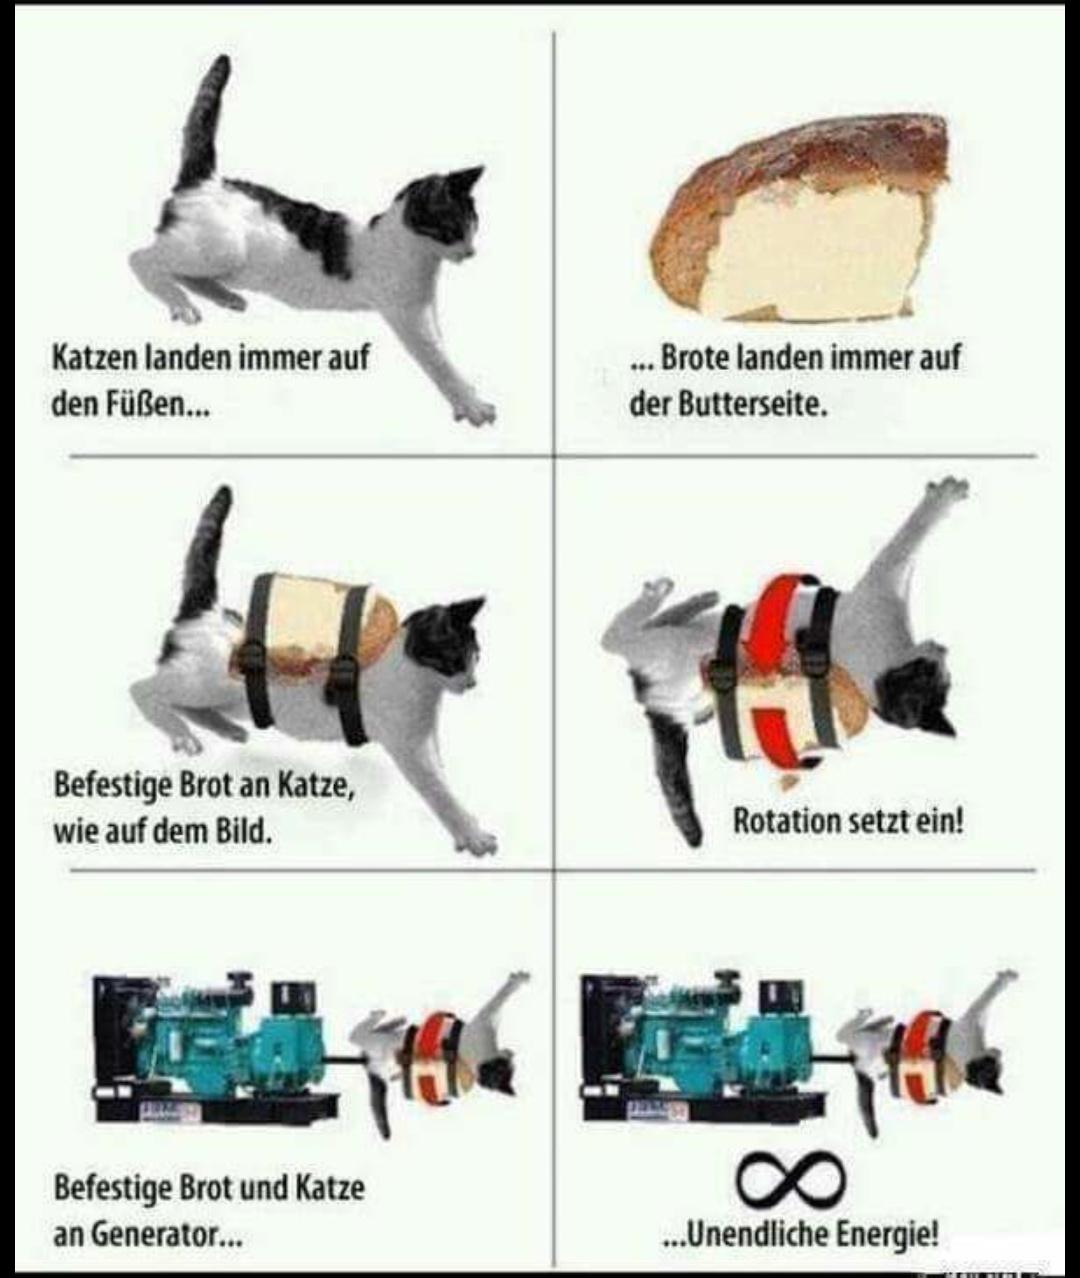 Katzen sind die Zukunft - meme